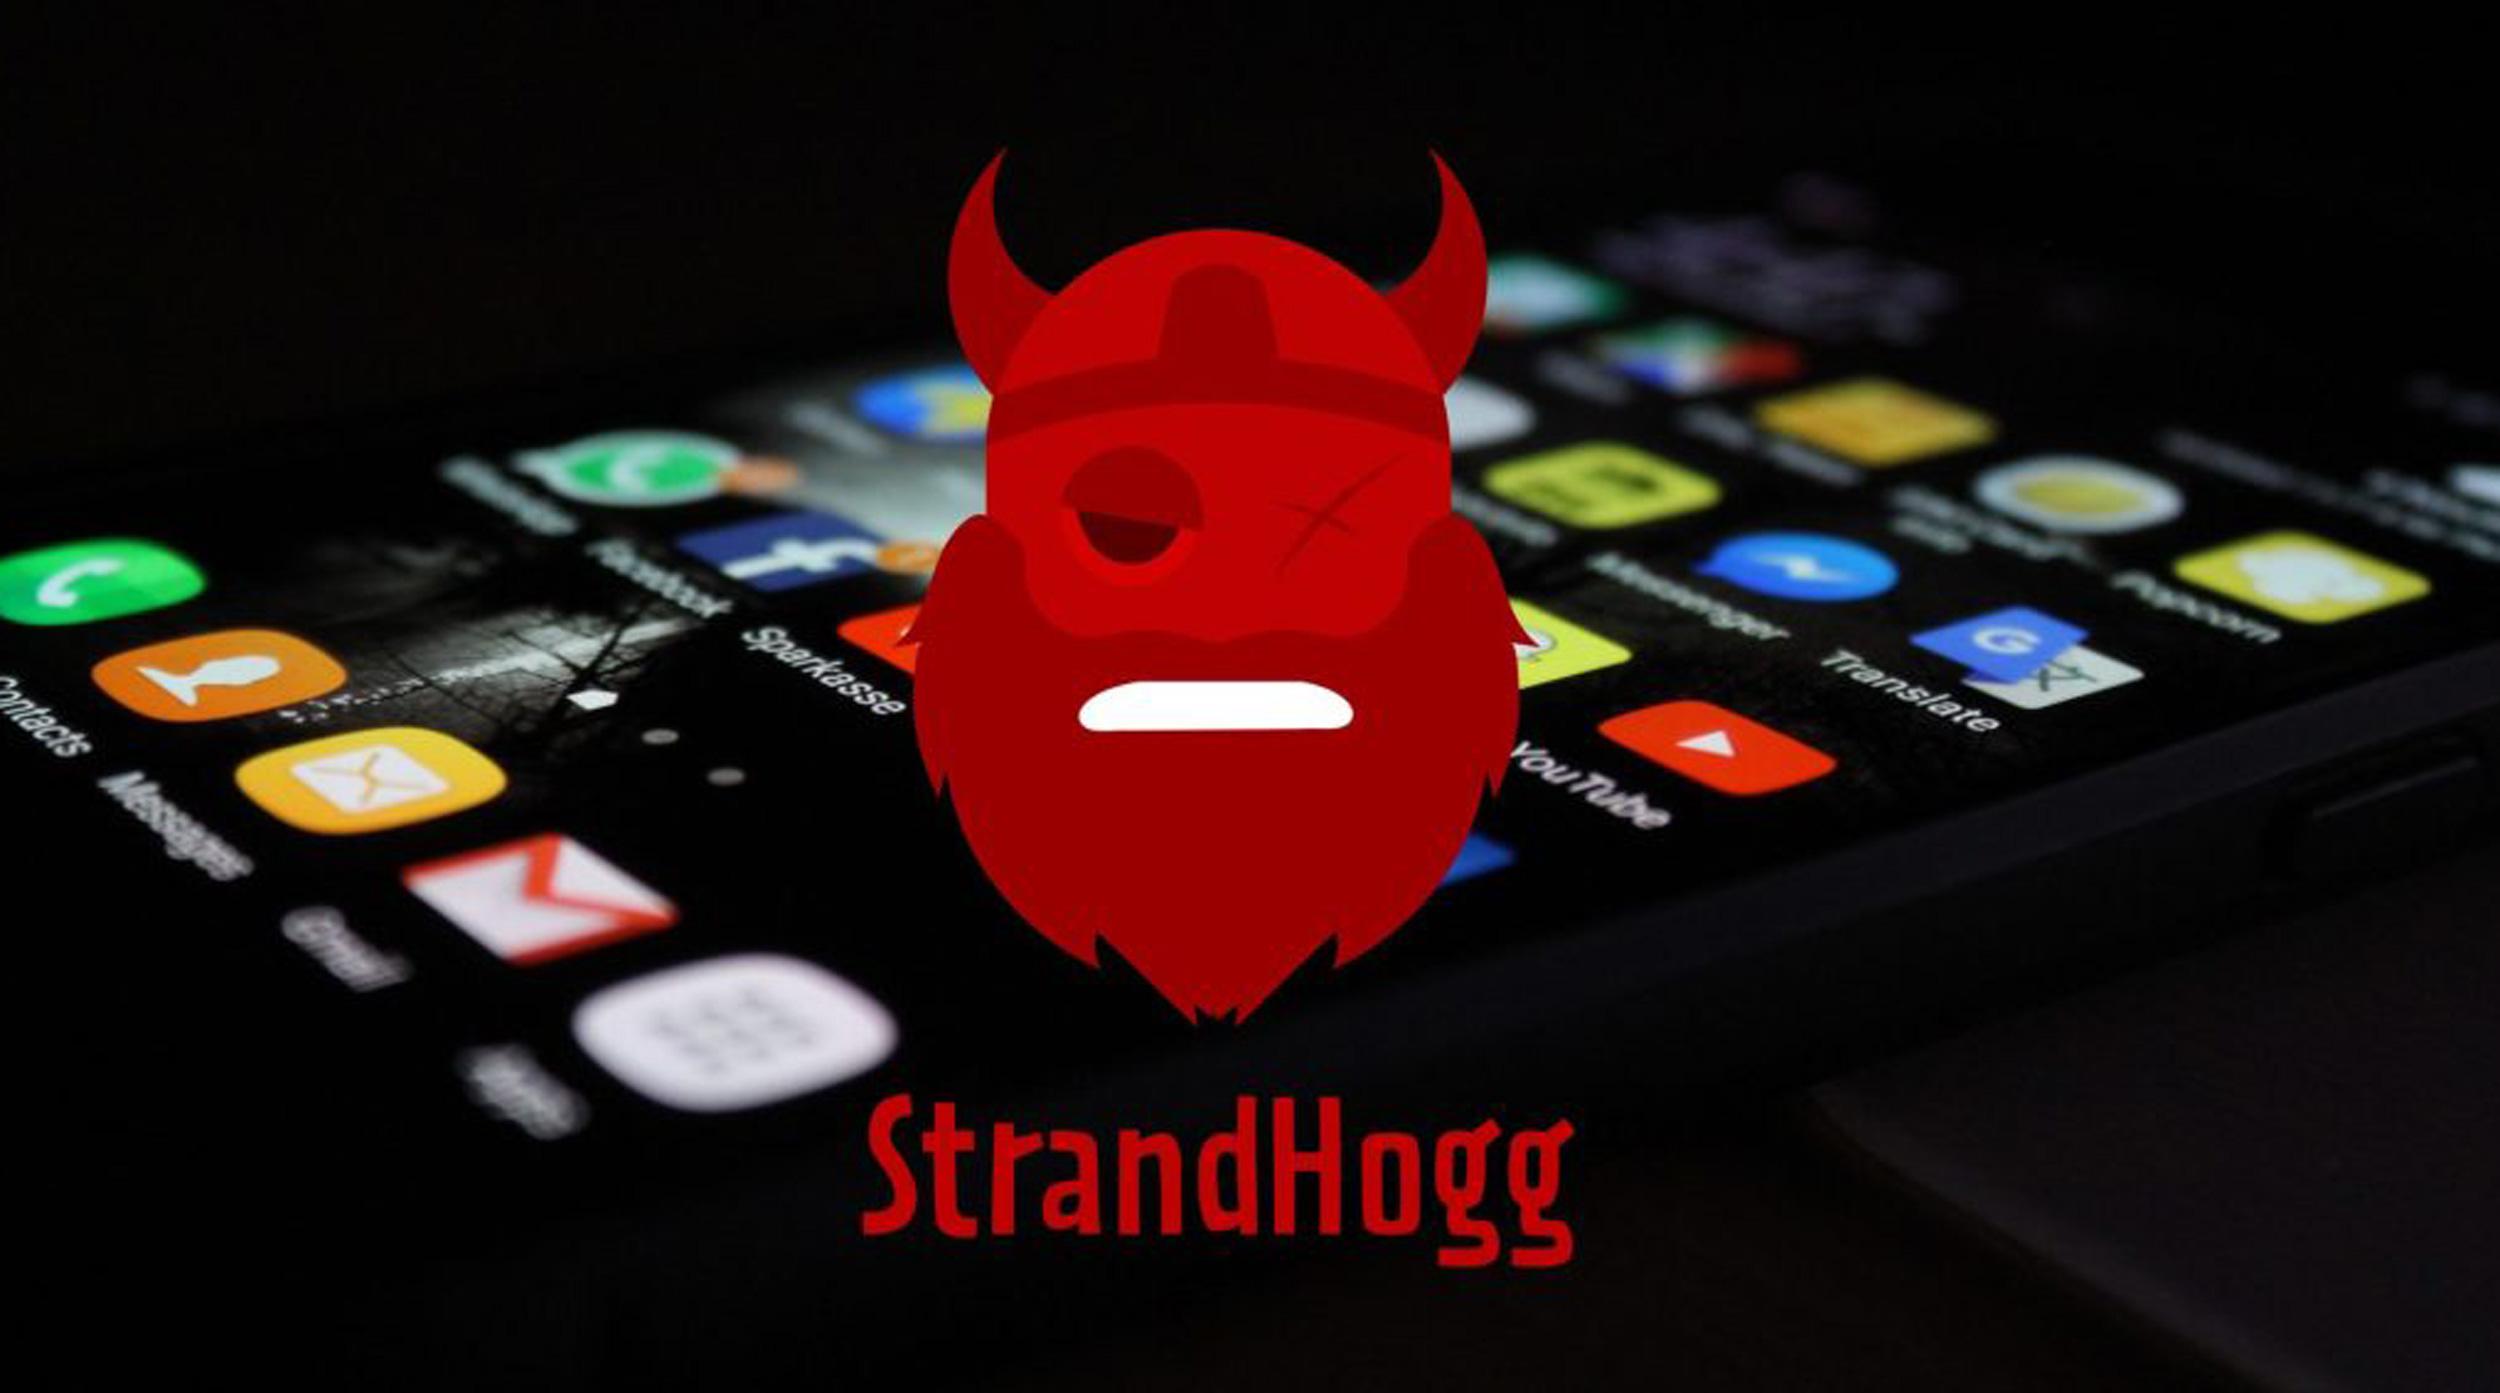 Esta vulnerabilidad se presenta como una app real, afecta dispositivos Android y todavía no tiene solución